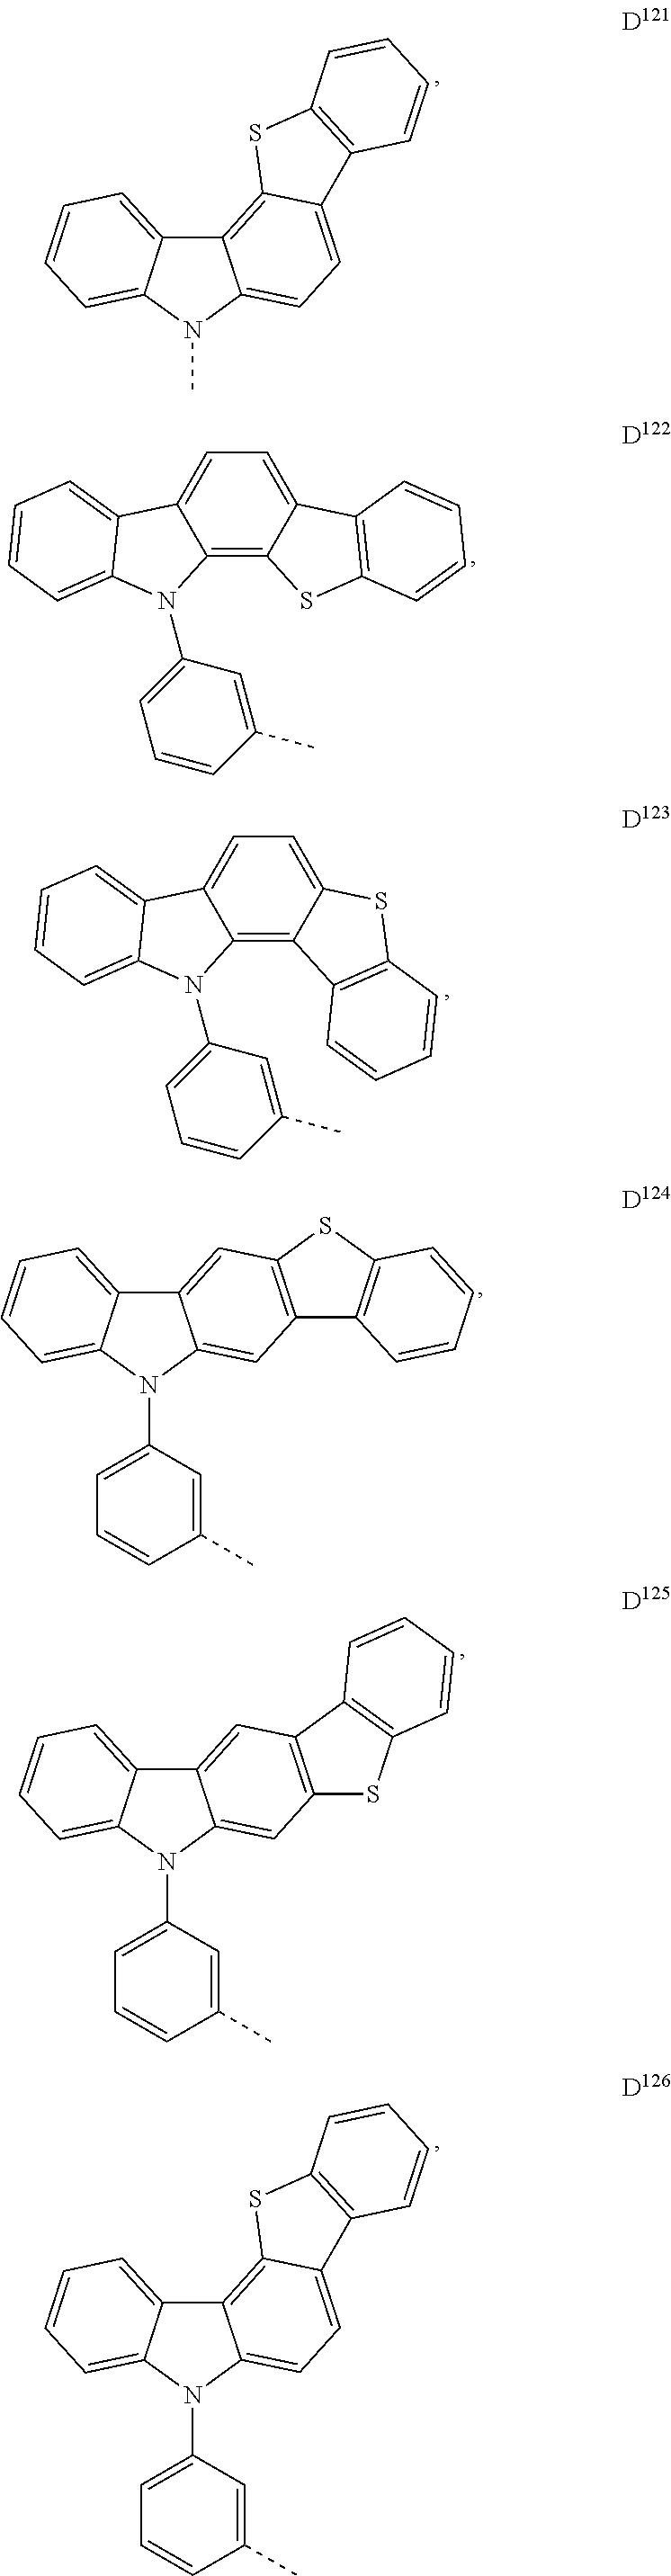 Figure US20170033295A1-20170202-C00218